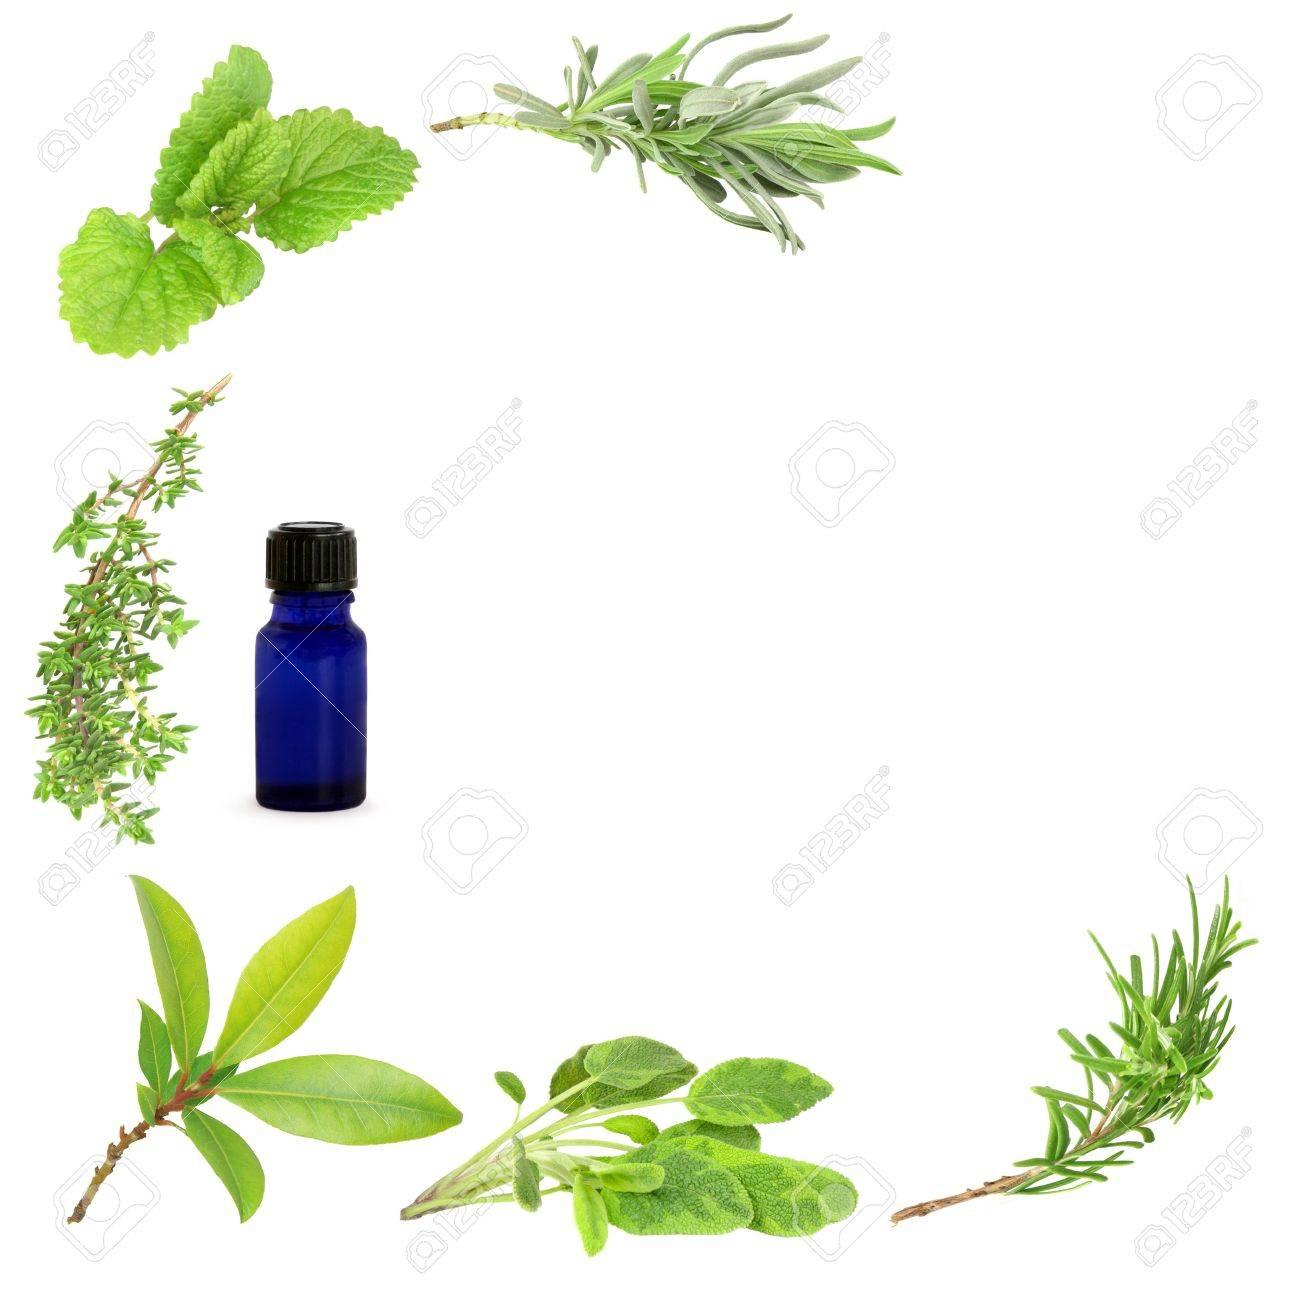 Herb Leaf Sprigs Of Lavender Lemon Balm Thyme Bay Sage And